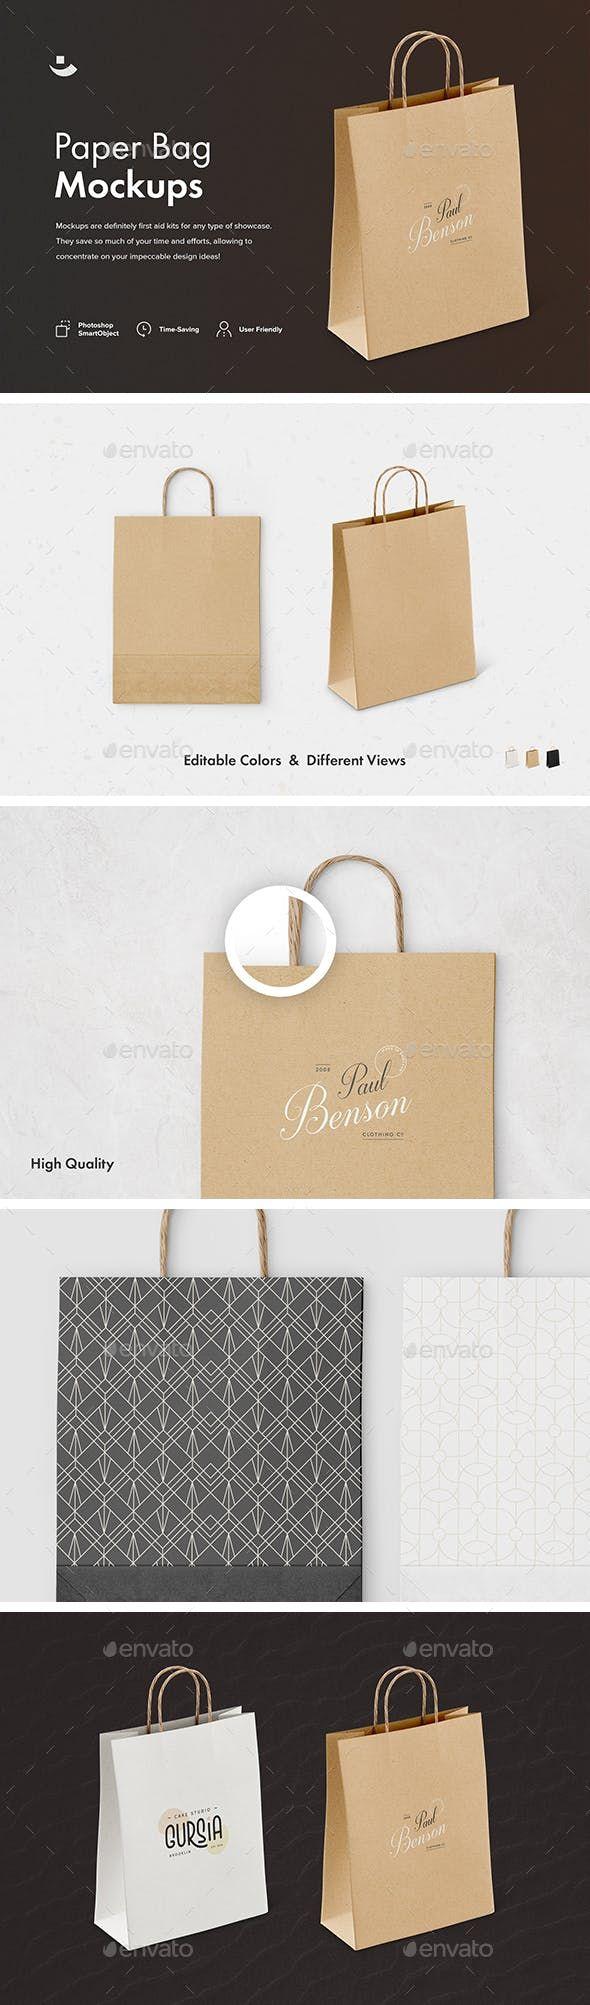 Download Paper Bag Mockup Set Packaging Product Mock Ups Download Link Https Graphicriver Net Item Paper Bag Mockup Set 23319505 Ref Klitvogli